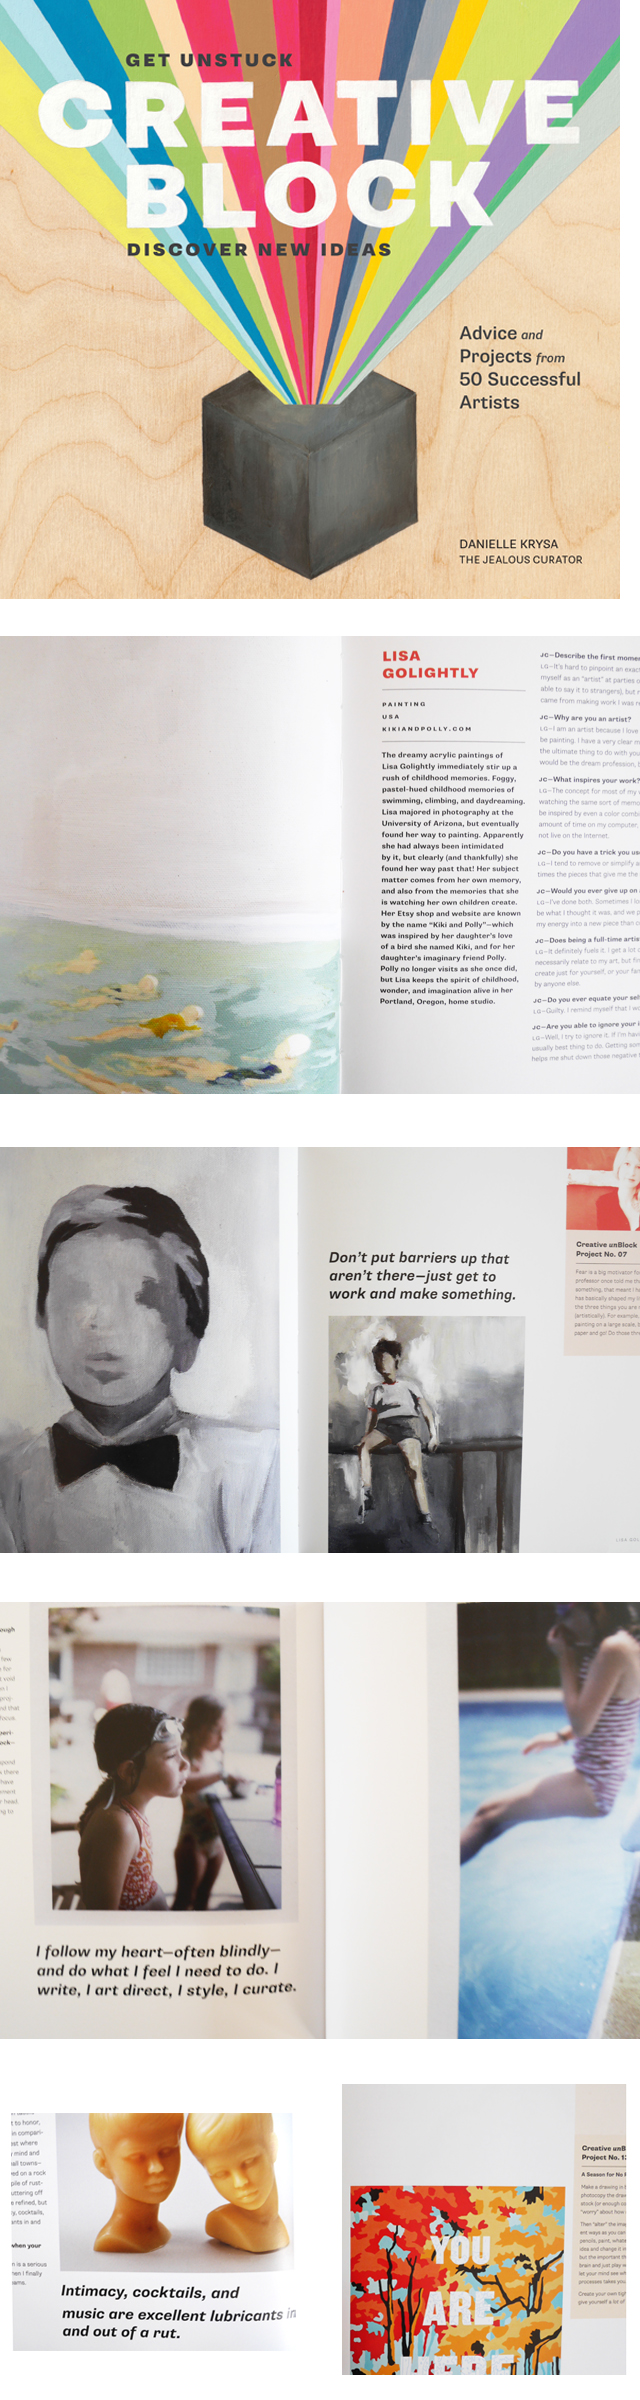 creativeblockbook